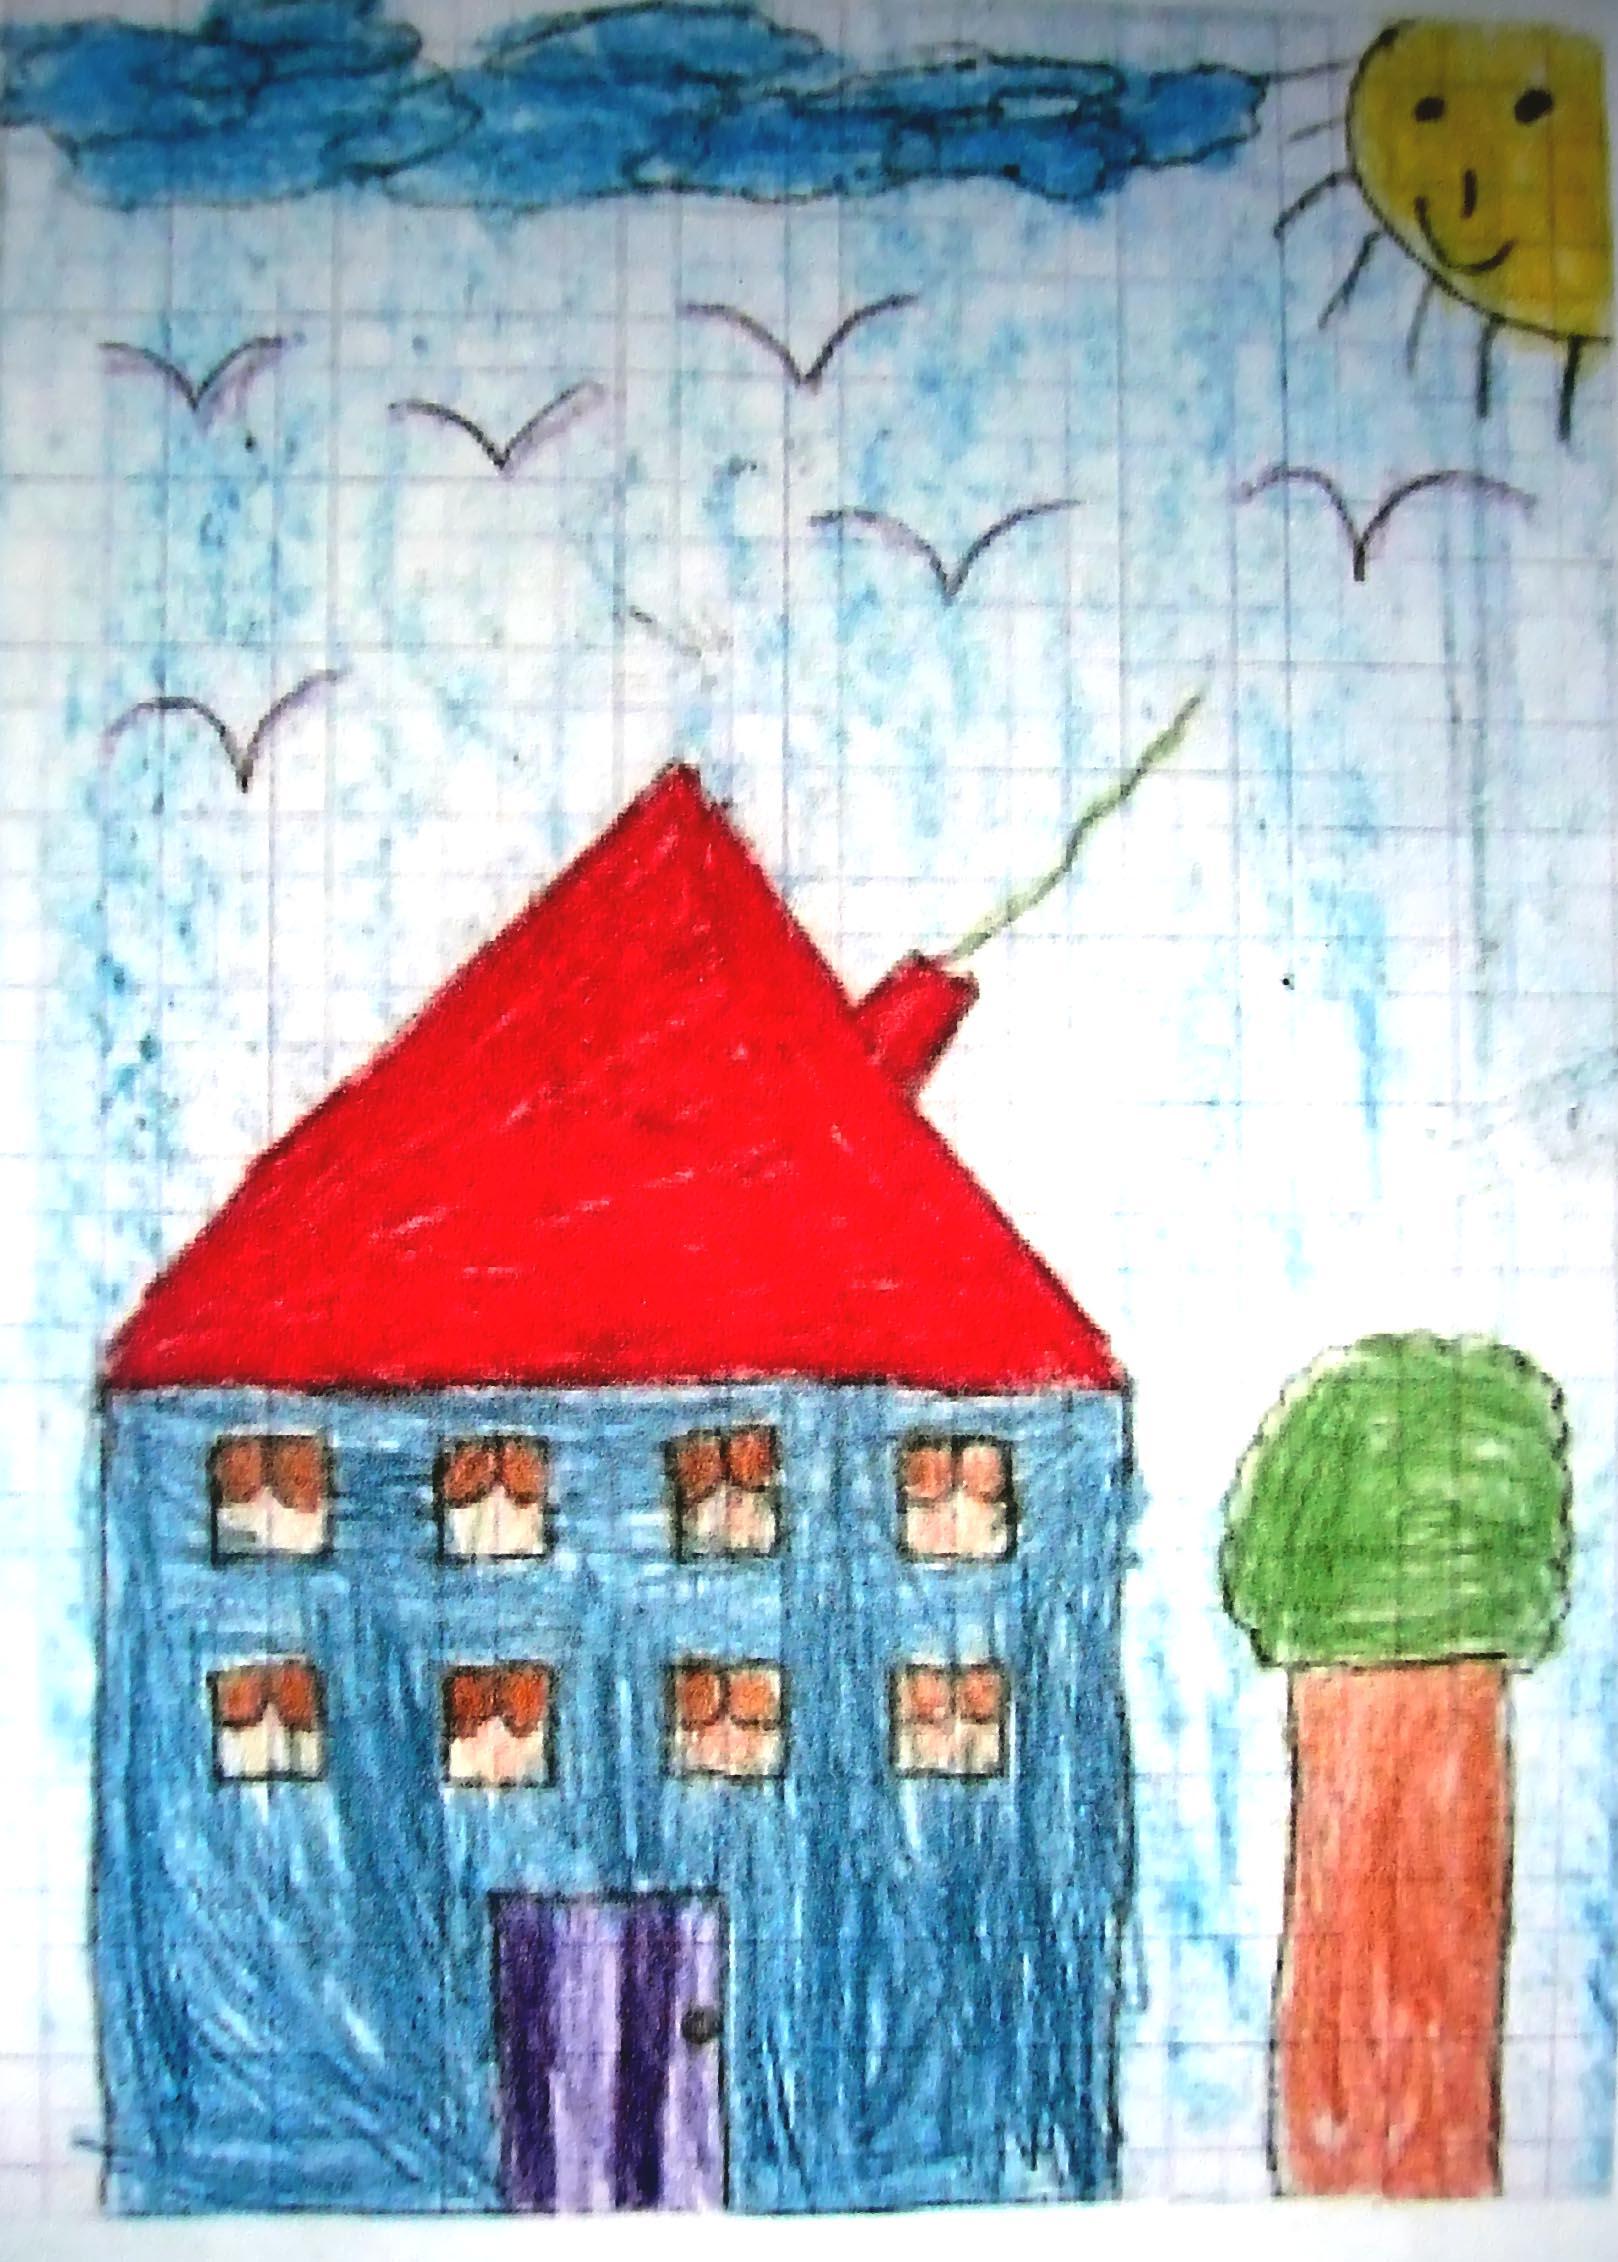 dibujo-ivc3a1n-2010